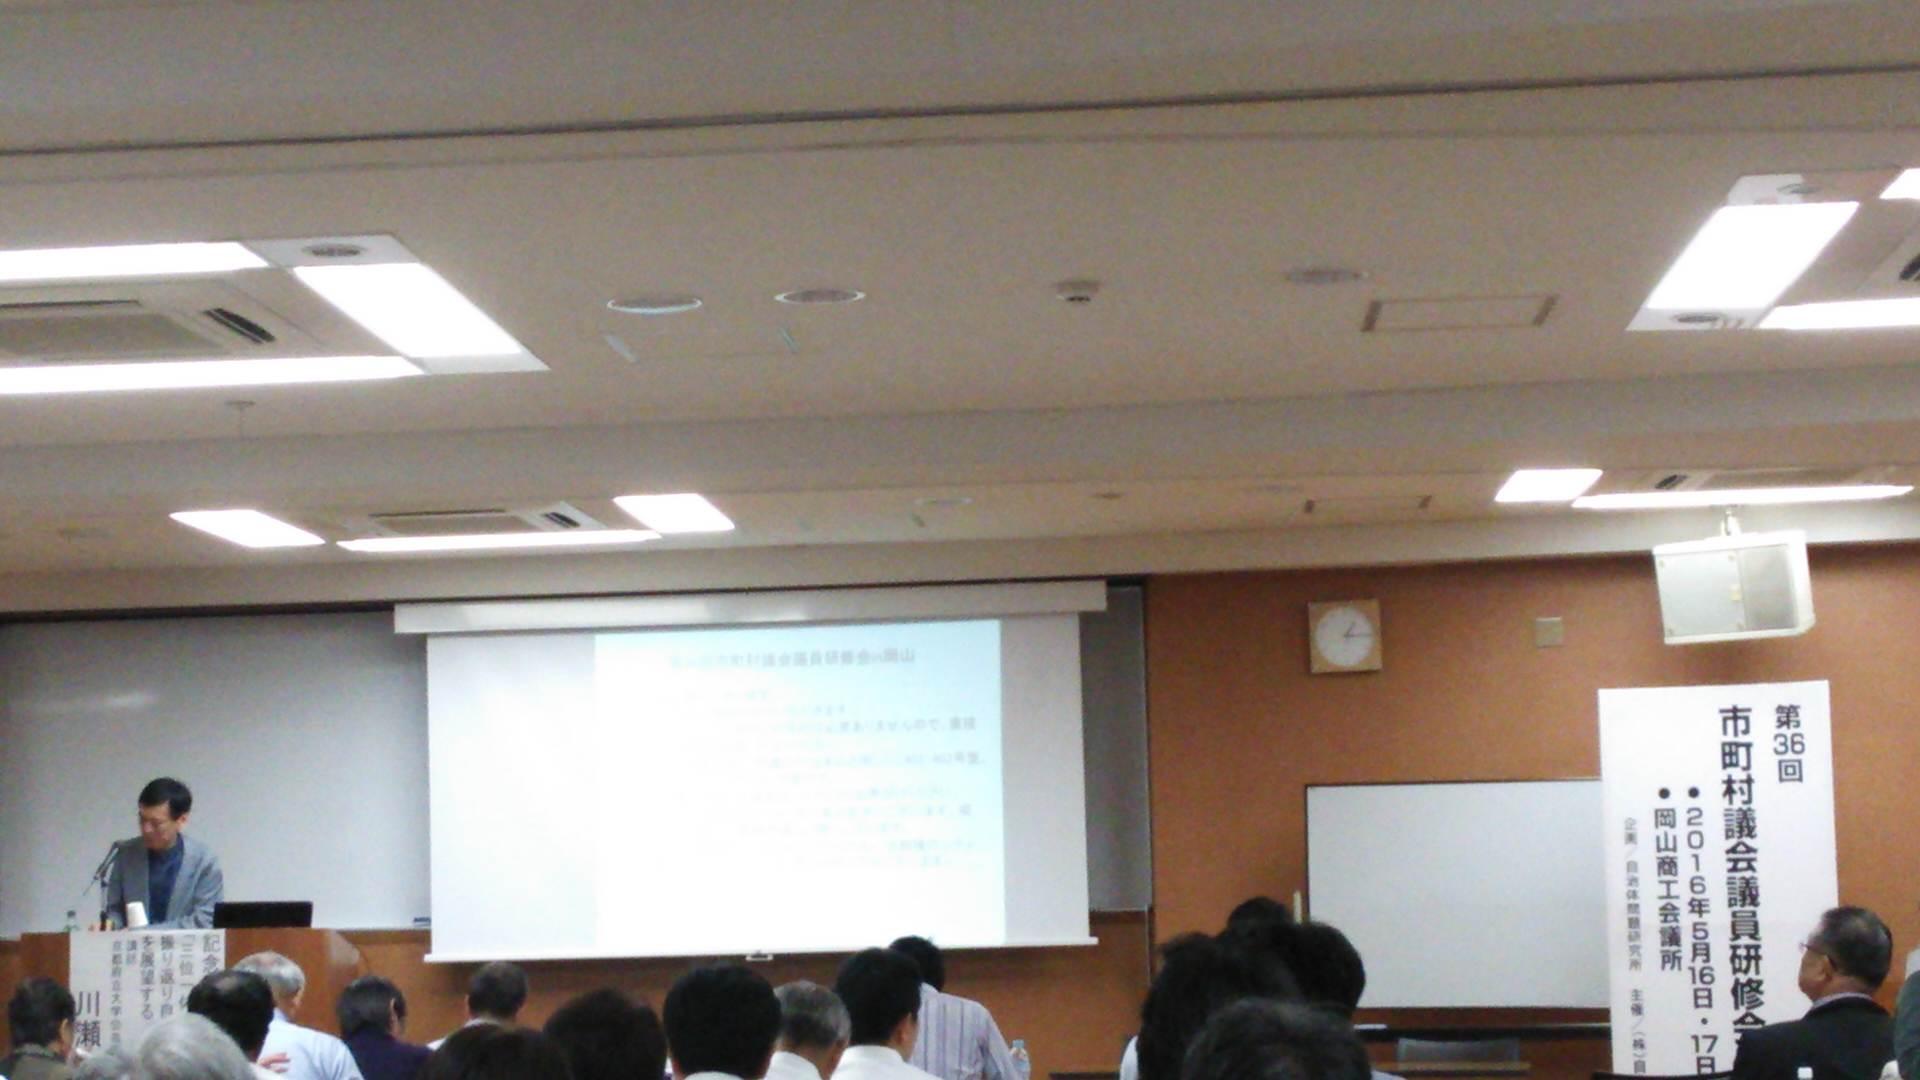 岡山での研修会…三位一体改革とは何だったのか?そして、地方創成って?!